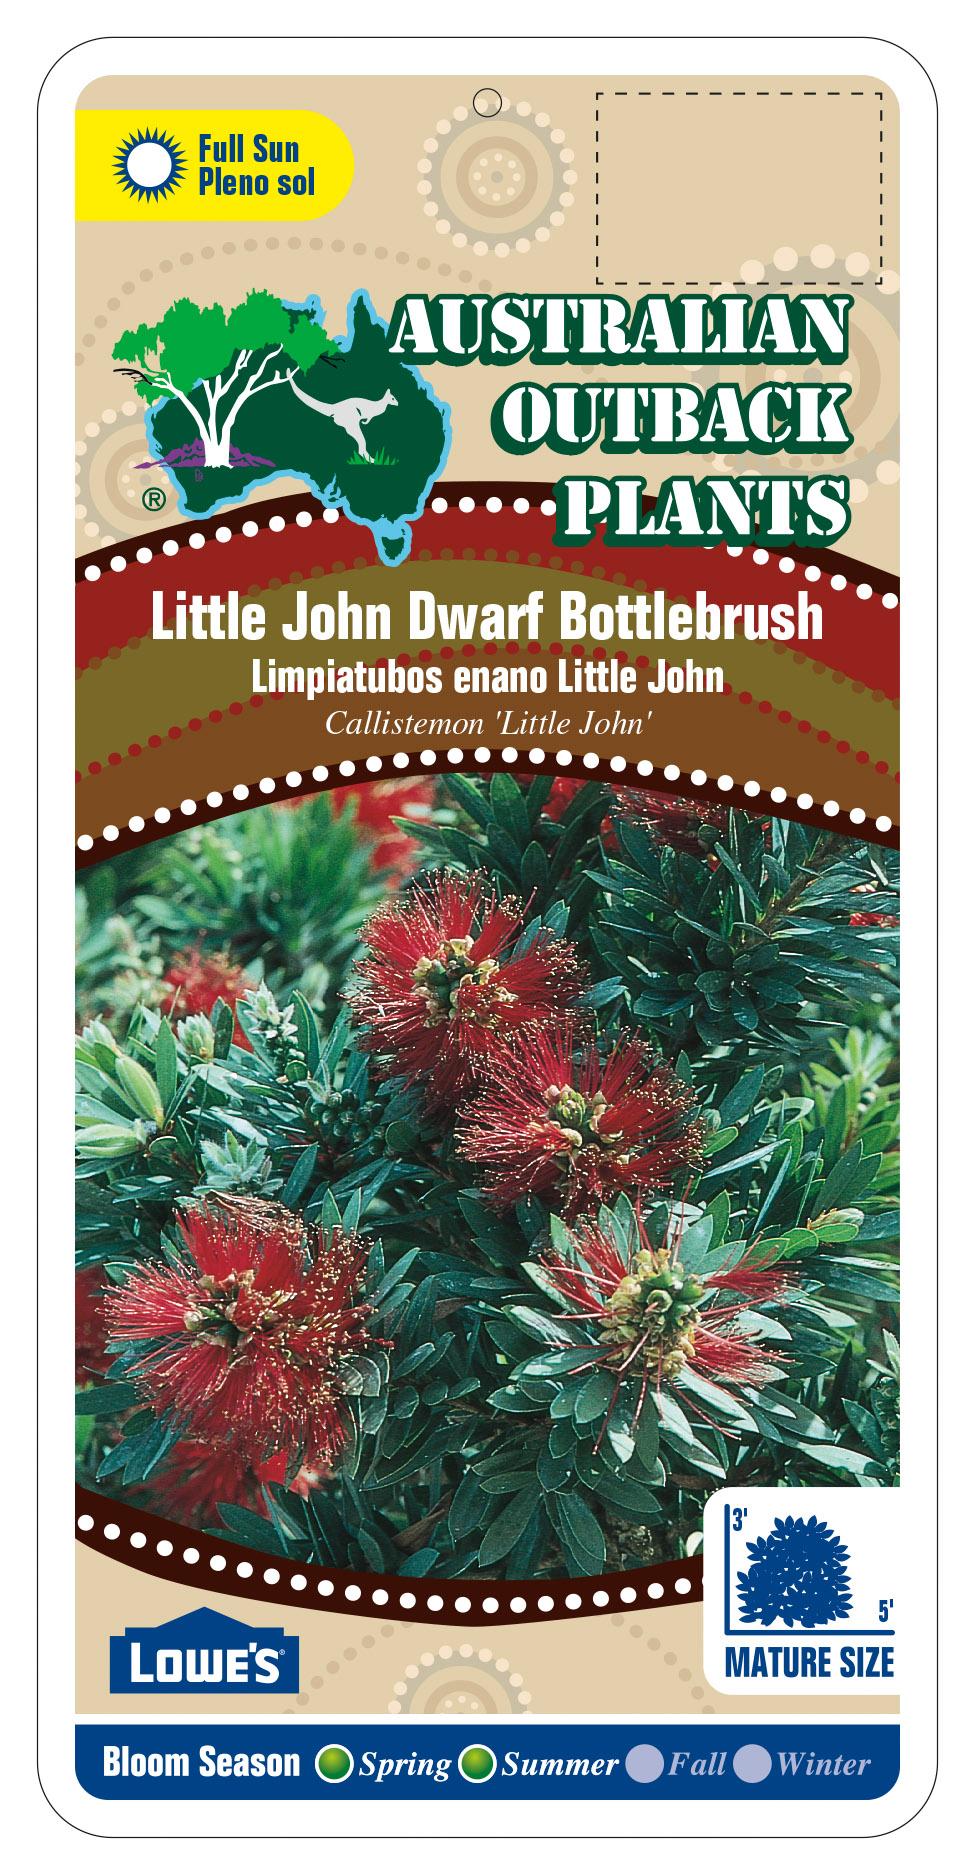 94904_FRONT-Little-John-Dwarf-Bottlebrush.jpg